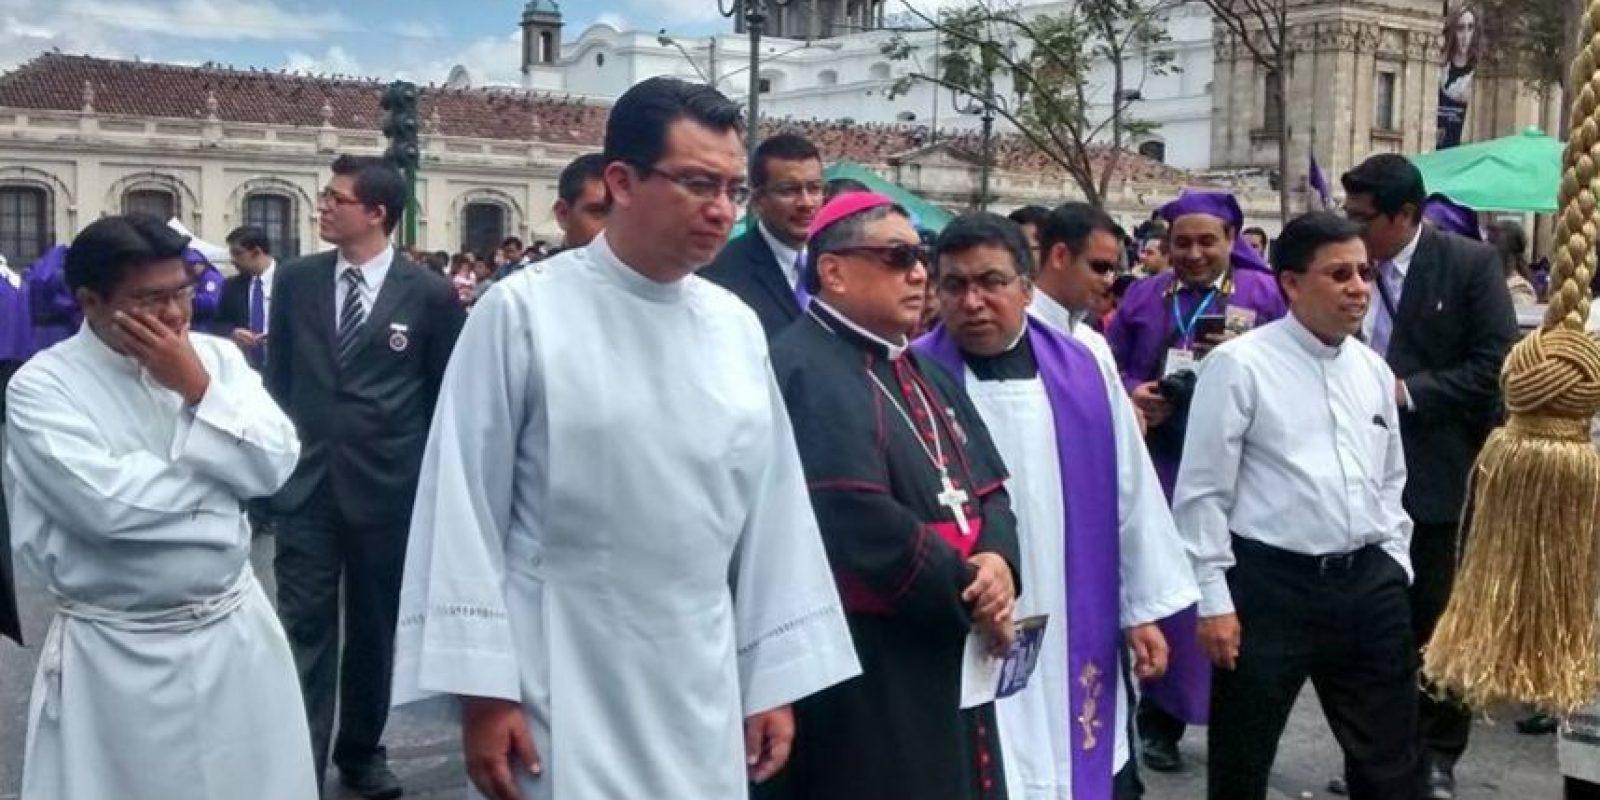 Foto:Parroquia Nuestra Señora de los Remedios, El Calvario